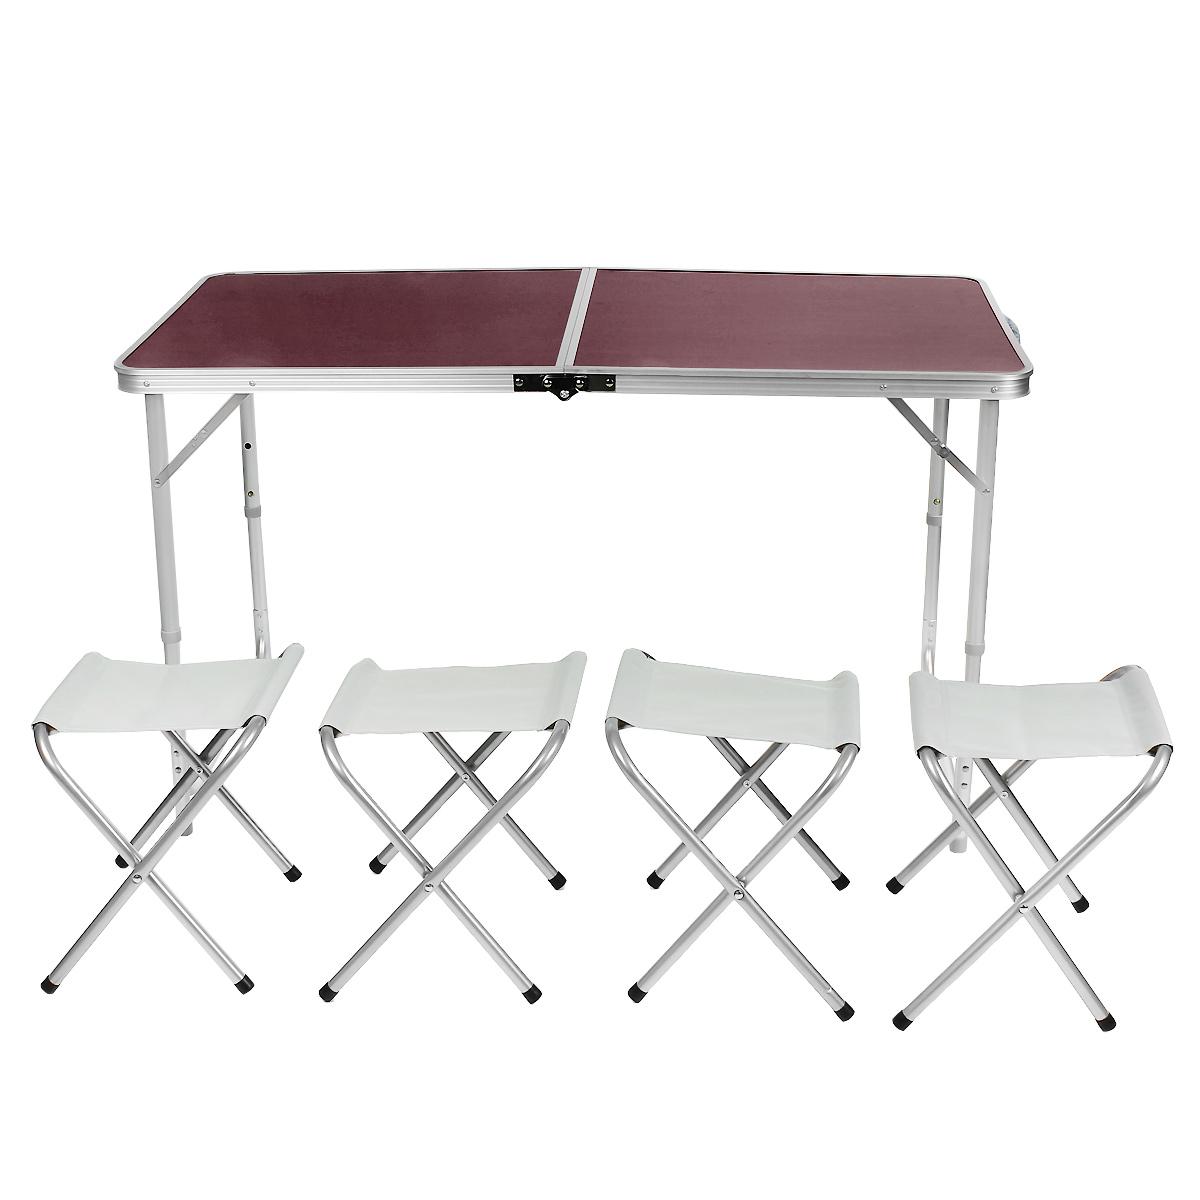 Набор складной мебели Happy Camper, 5 предметовST-12060Стол складной Happy Camper с 4 стульями - это незаменимый предмет походной мебели, очень удобен в эксплуатации. Каркас складного стола выполнен из алюминия, а столешница из МДФ. Стол легко собирается и разбирается и не занимает много места, поэтому подходит для транспортировки и хранения дома. Складывается в виде чемоданчика.